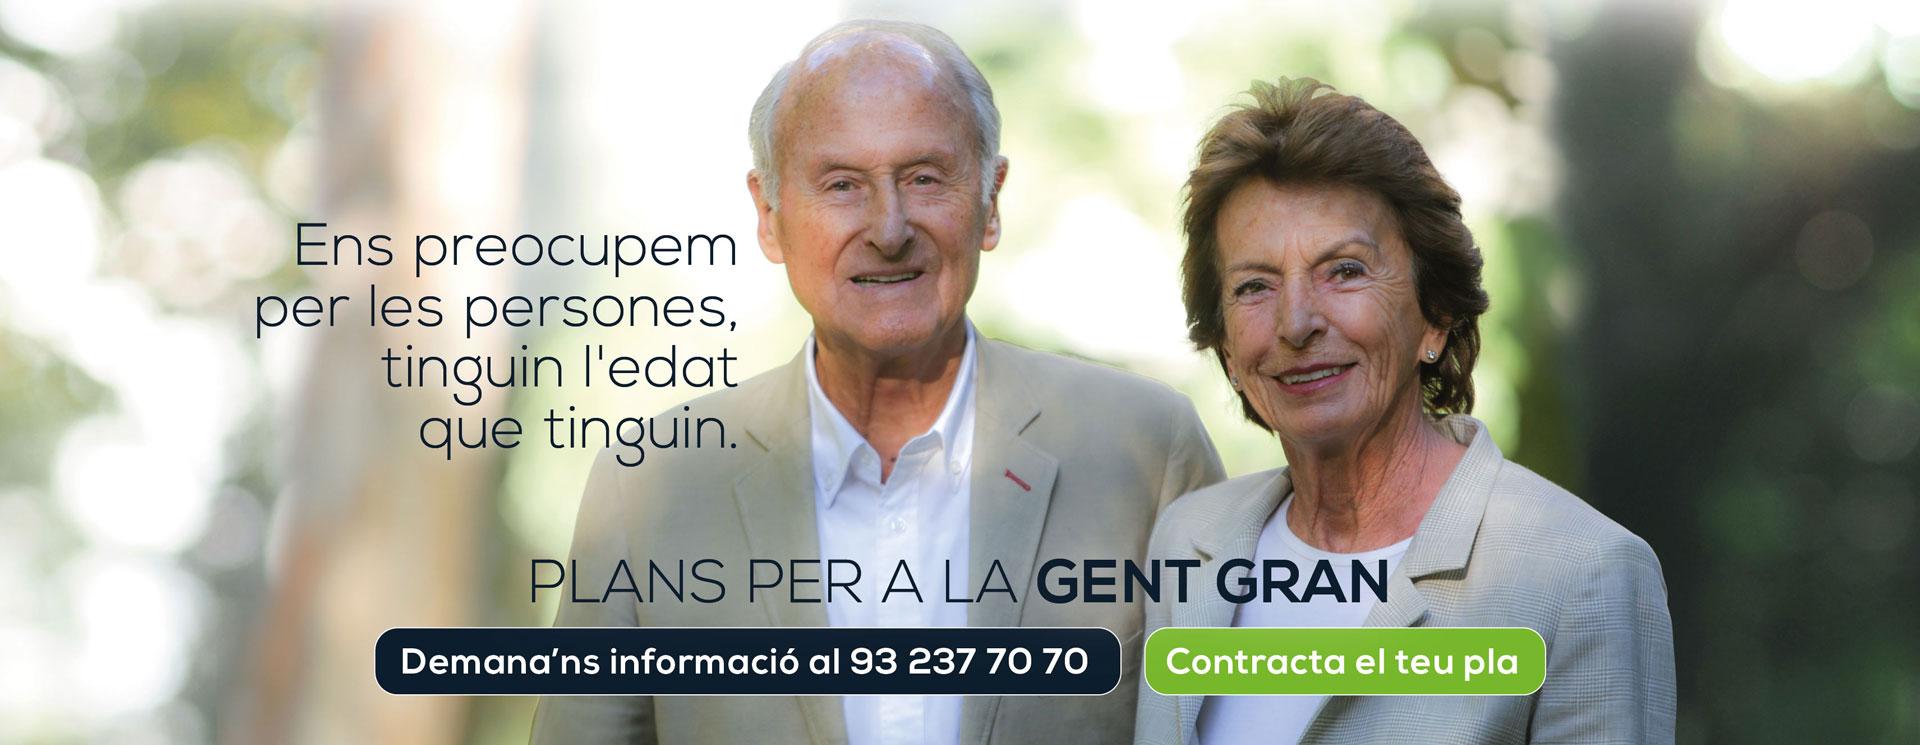 assegurances-per-a-gent-gran